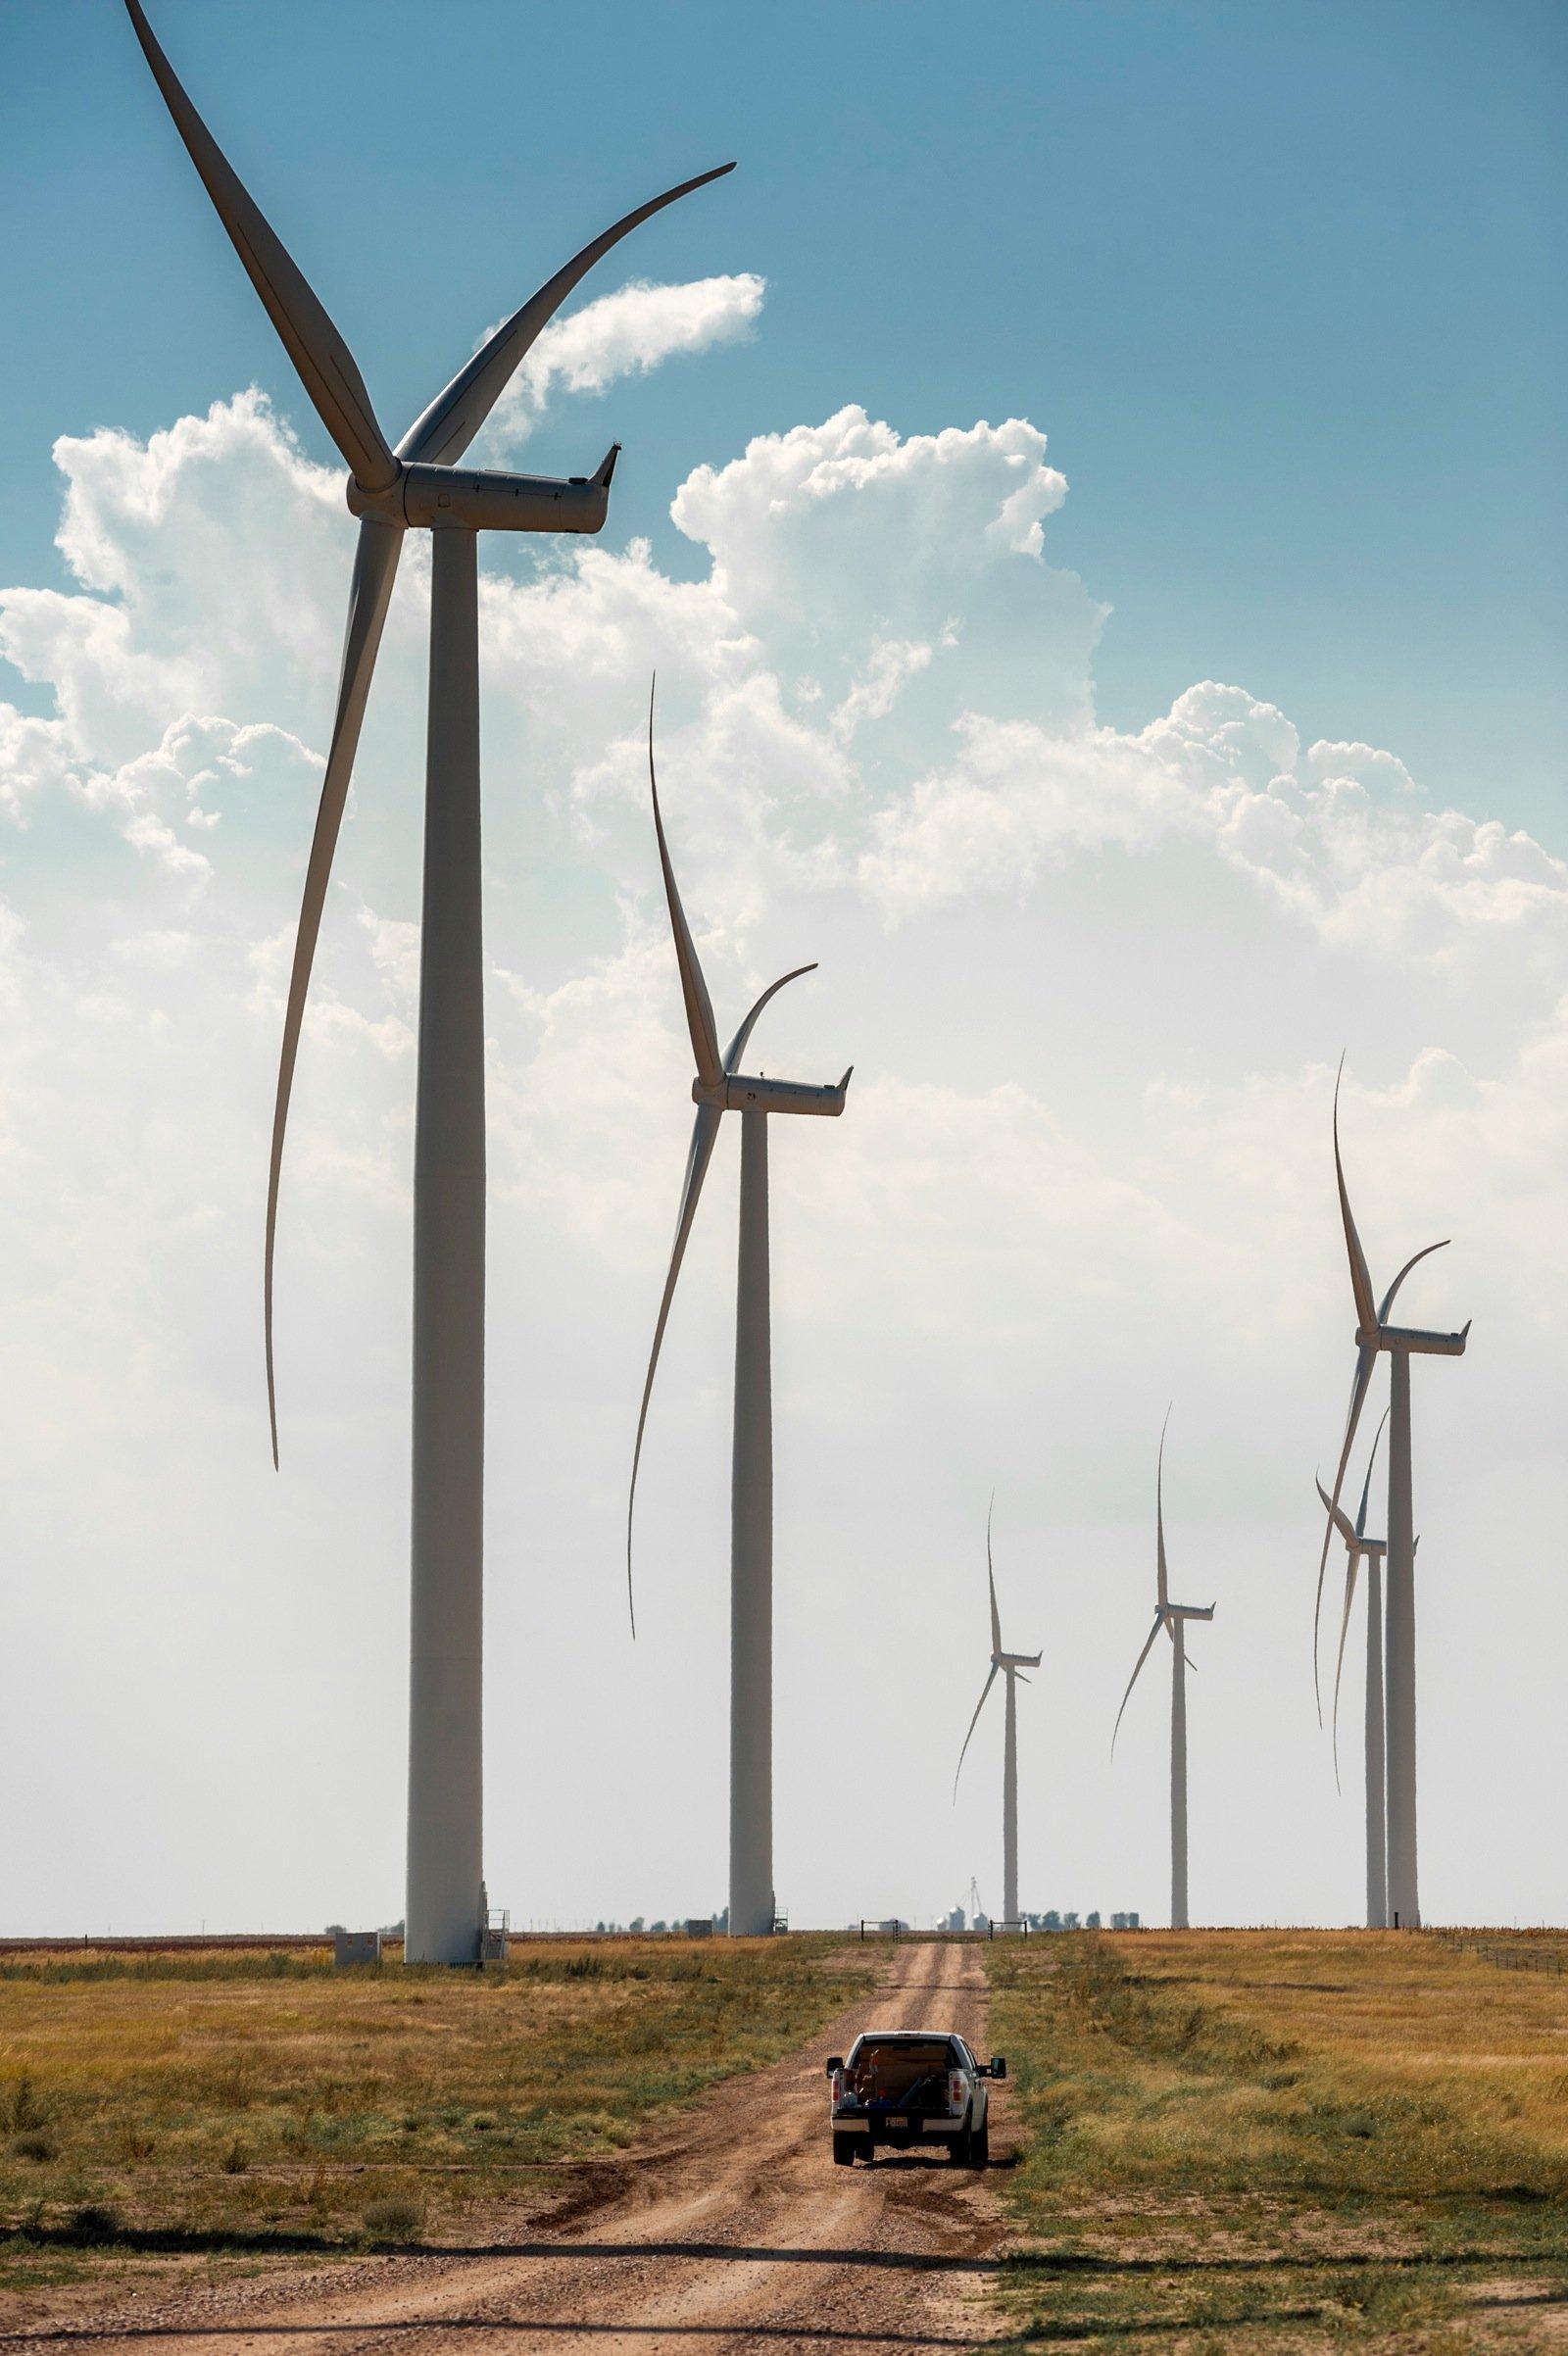 Die 448 Windenergieanlagen des Typs SWT-2.3-108 sind für fünf Projekte des US-Energieversorgers MidAmerican in Iowa bestimmt. Jede der Turbinen bringt eine Leistung von 2,3 MW und hat einen Rotordurchmesser von 108 Metern. Die Maschinenhäuser und Naben für die Windturbinen für den MidAmerican-Auftrag werden im Siemens-Werk in Hutchinson im US-Bundesstaat Kansas hergestellt, die Rotorblätter wird Siemens in Fort Madison in Iowa fertigen.